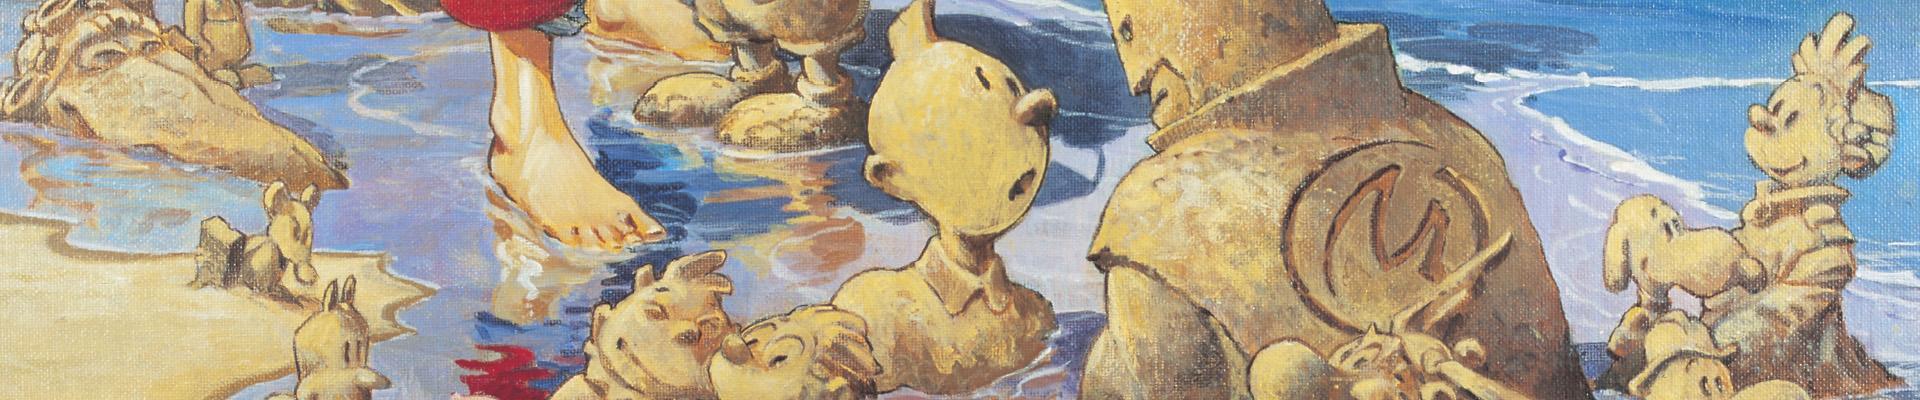 Illustration Loisel Quai des Bulles